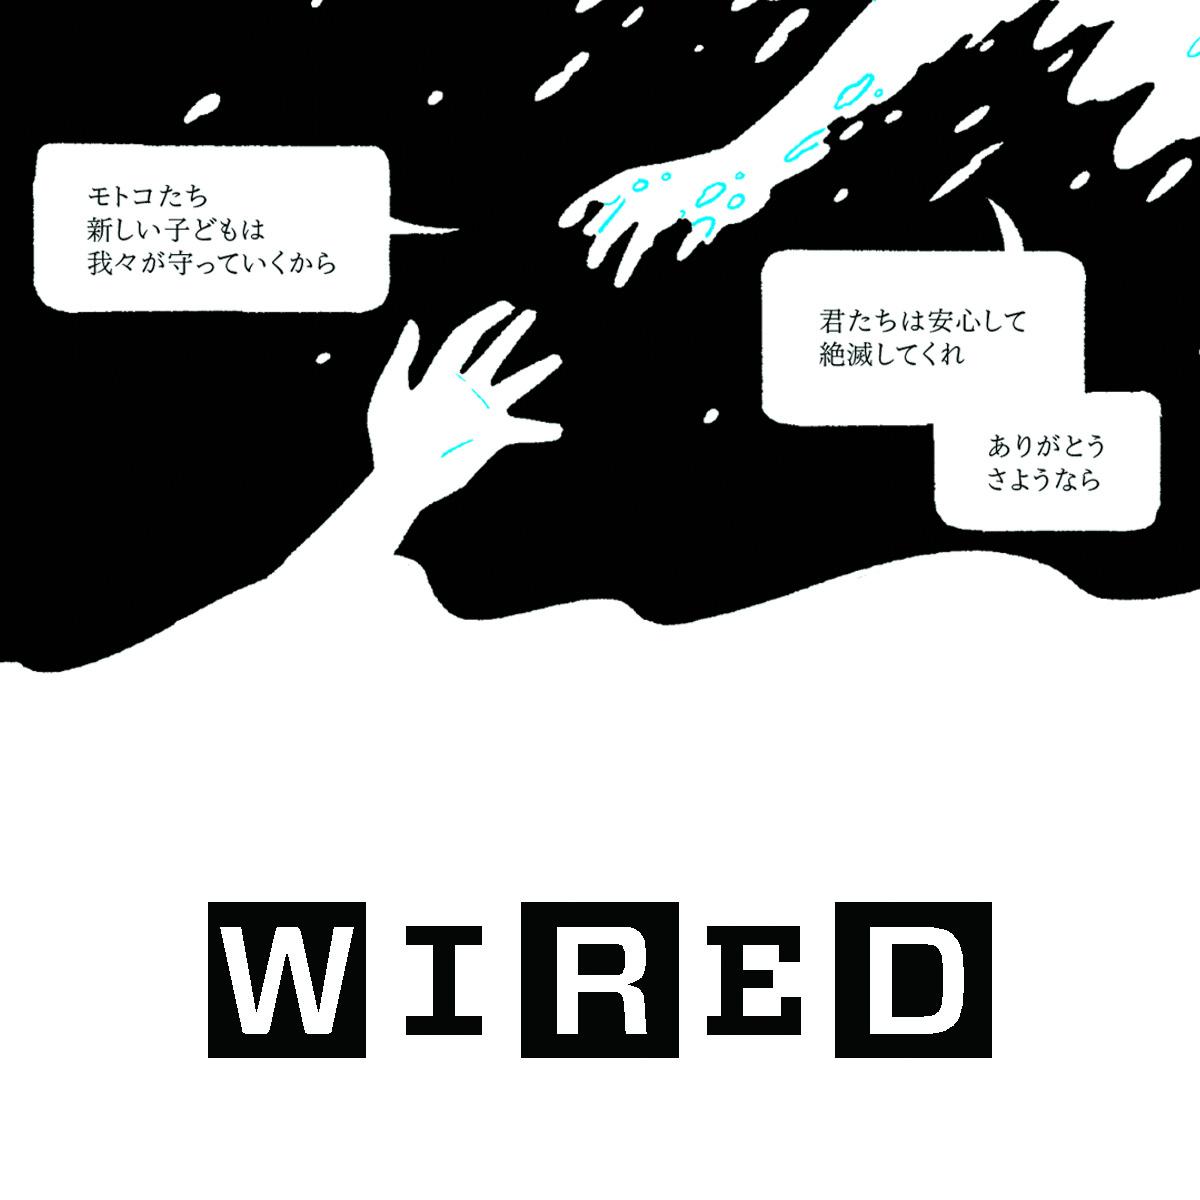 WIREDの『来るべき世界』